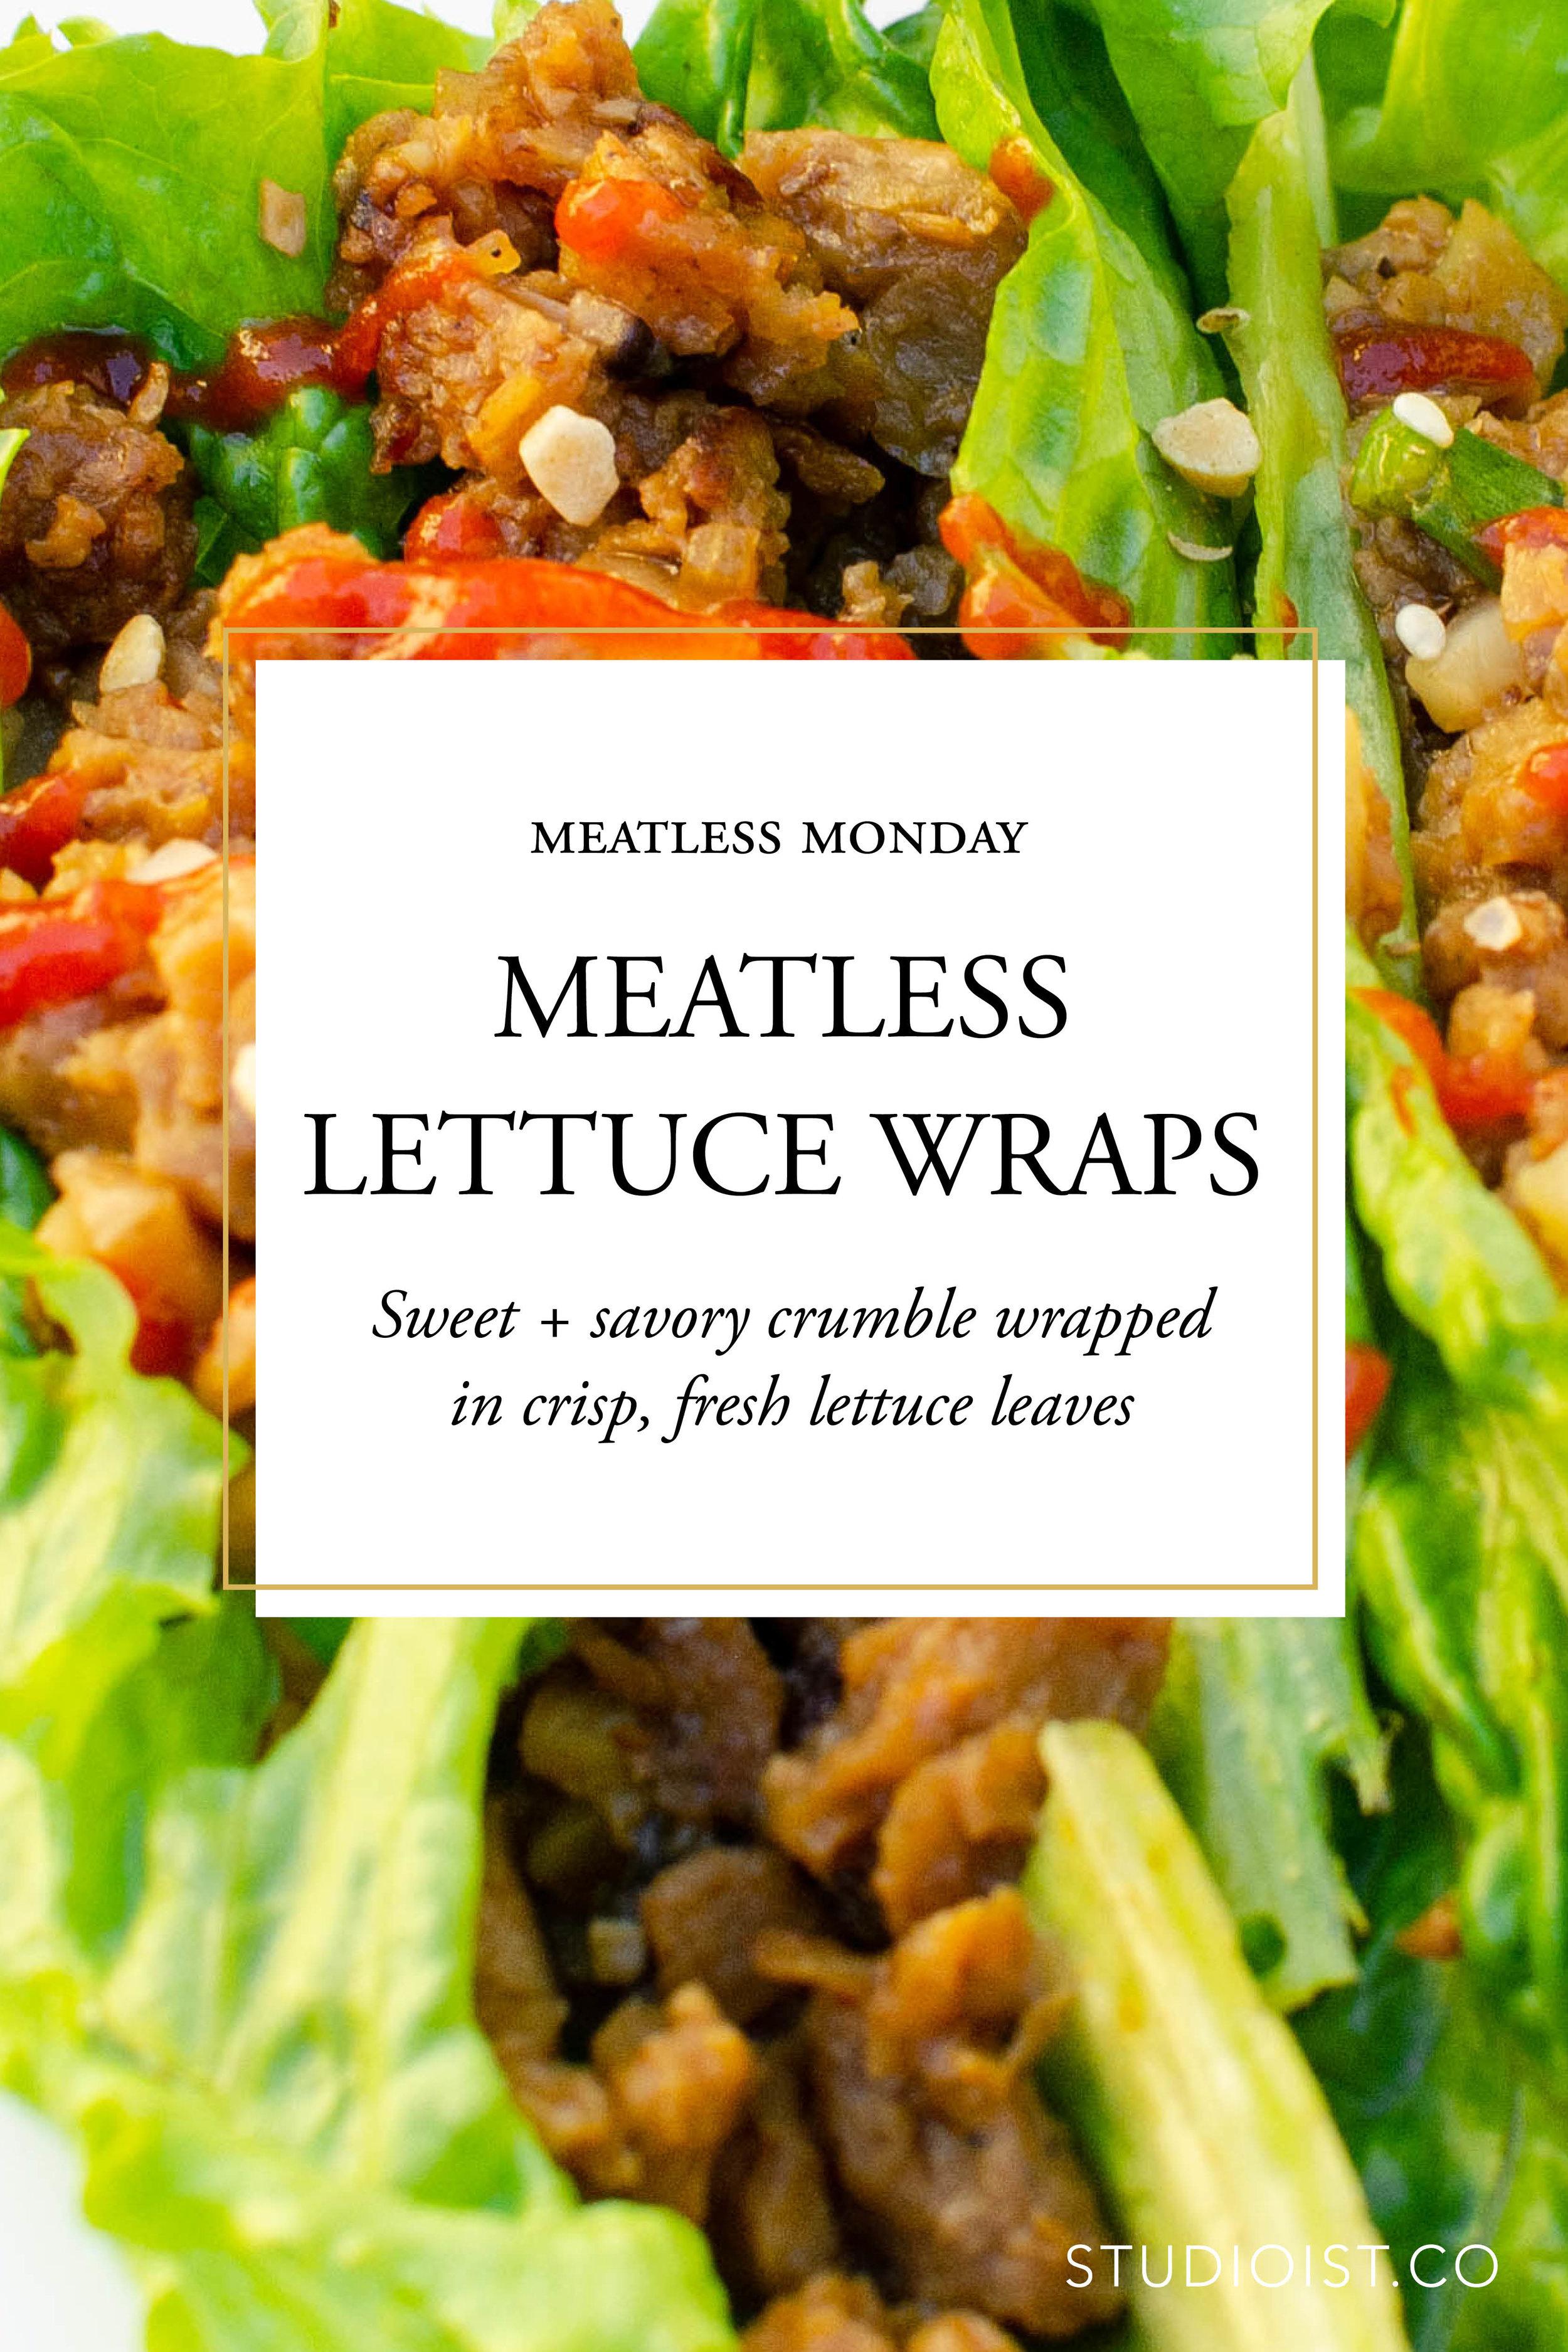 GlutenFree Vegan Lettuce Wraps_Studioist3.jpg